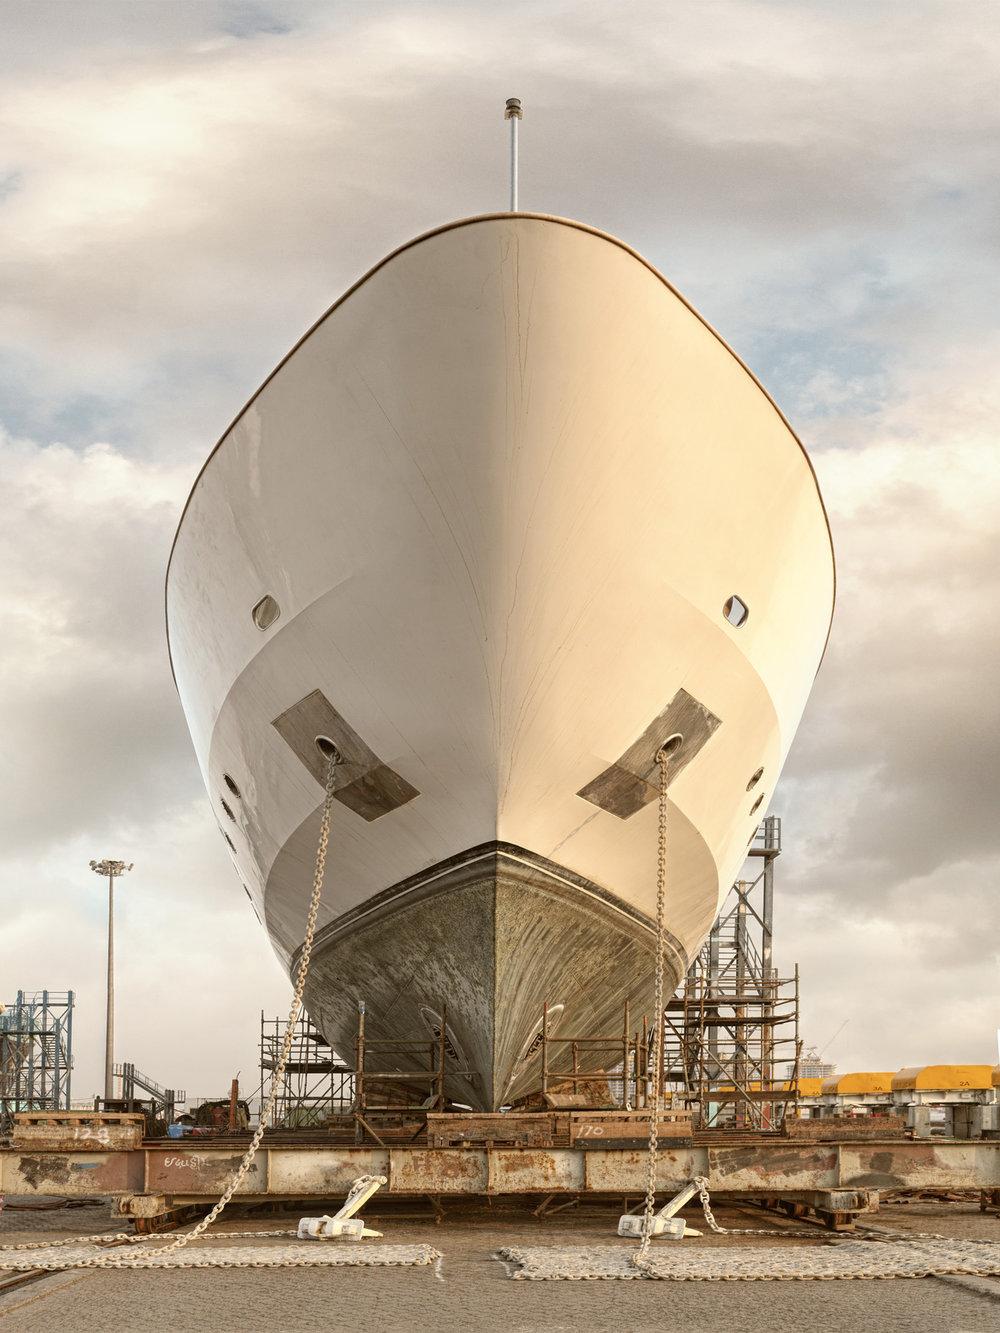 Ship IV - Al Jaddaf Marine Dry Docks - Dubai 2017